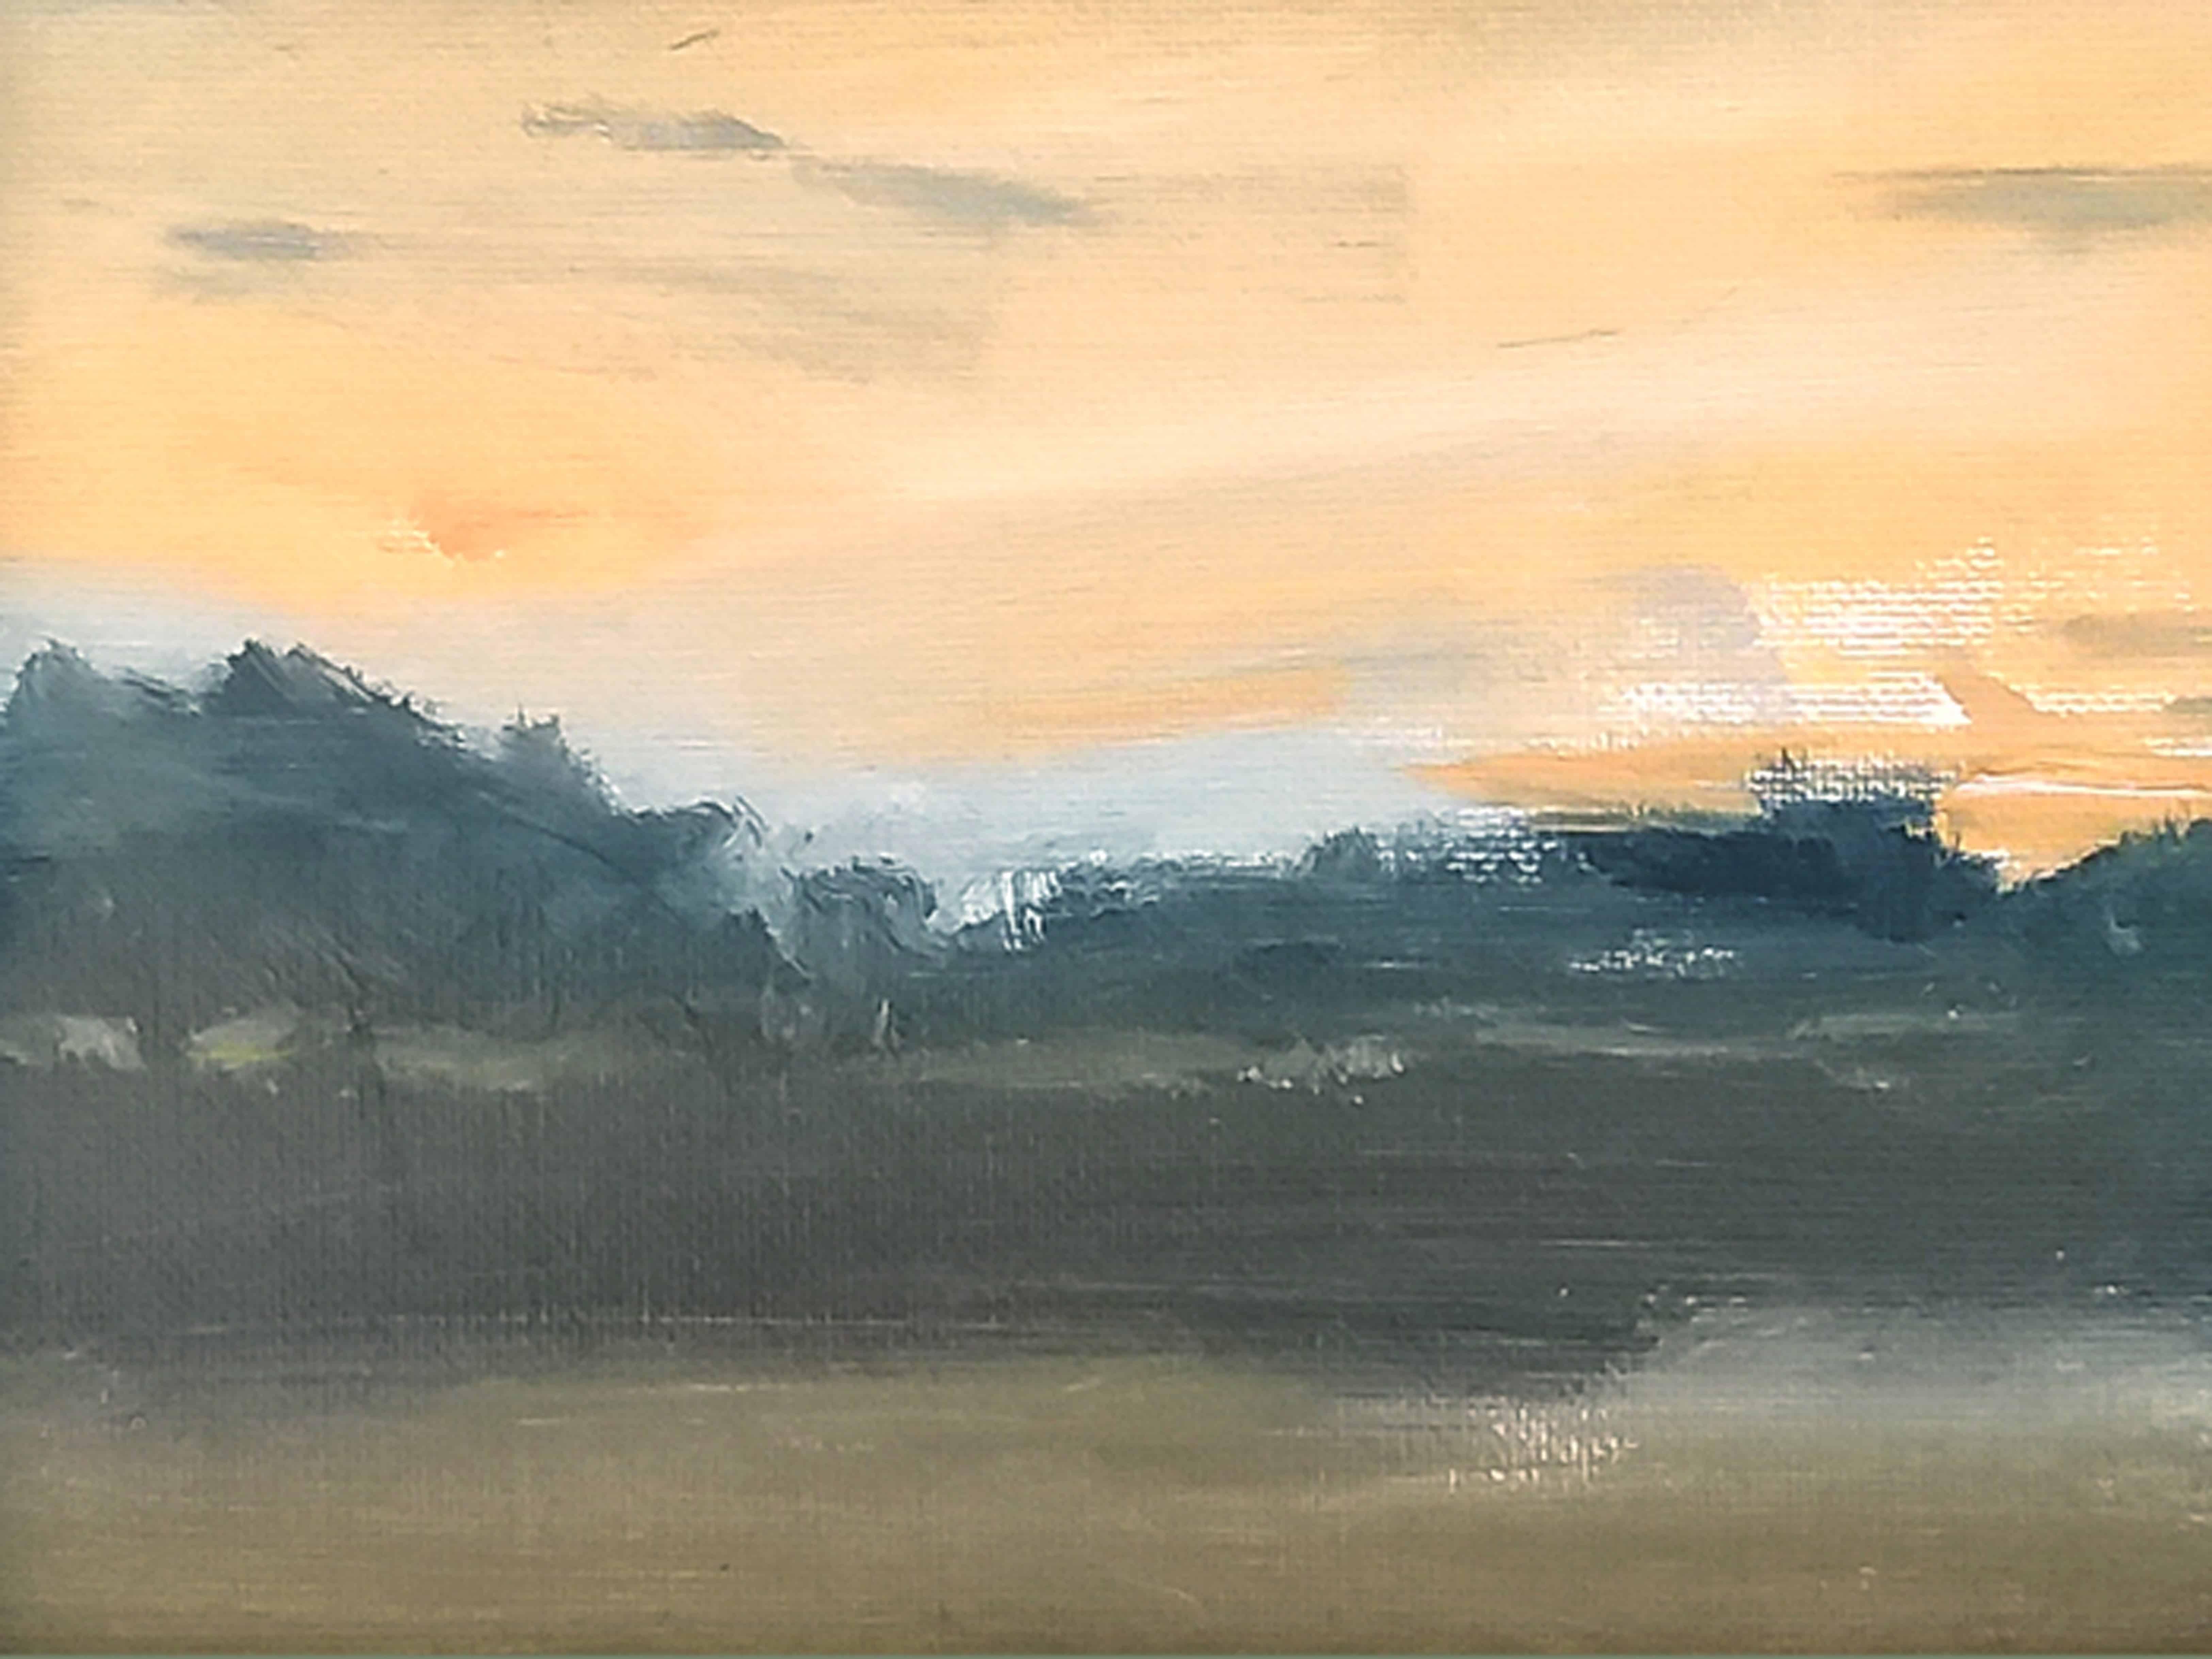 Austinburg Sunset (Ohio) by Curtis Green